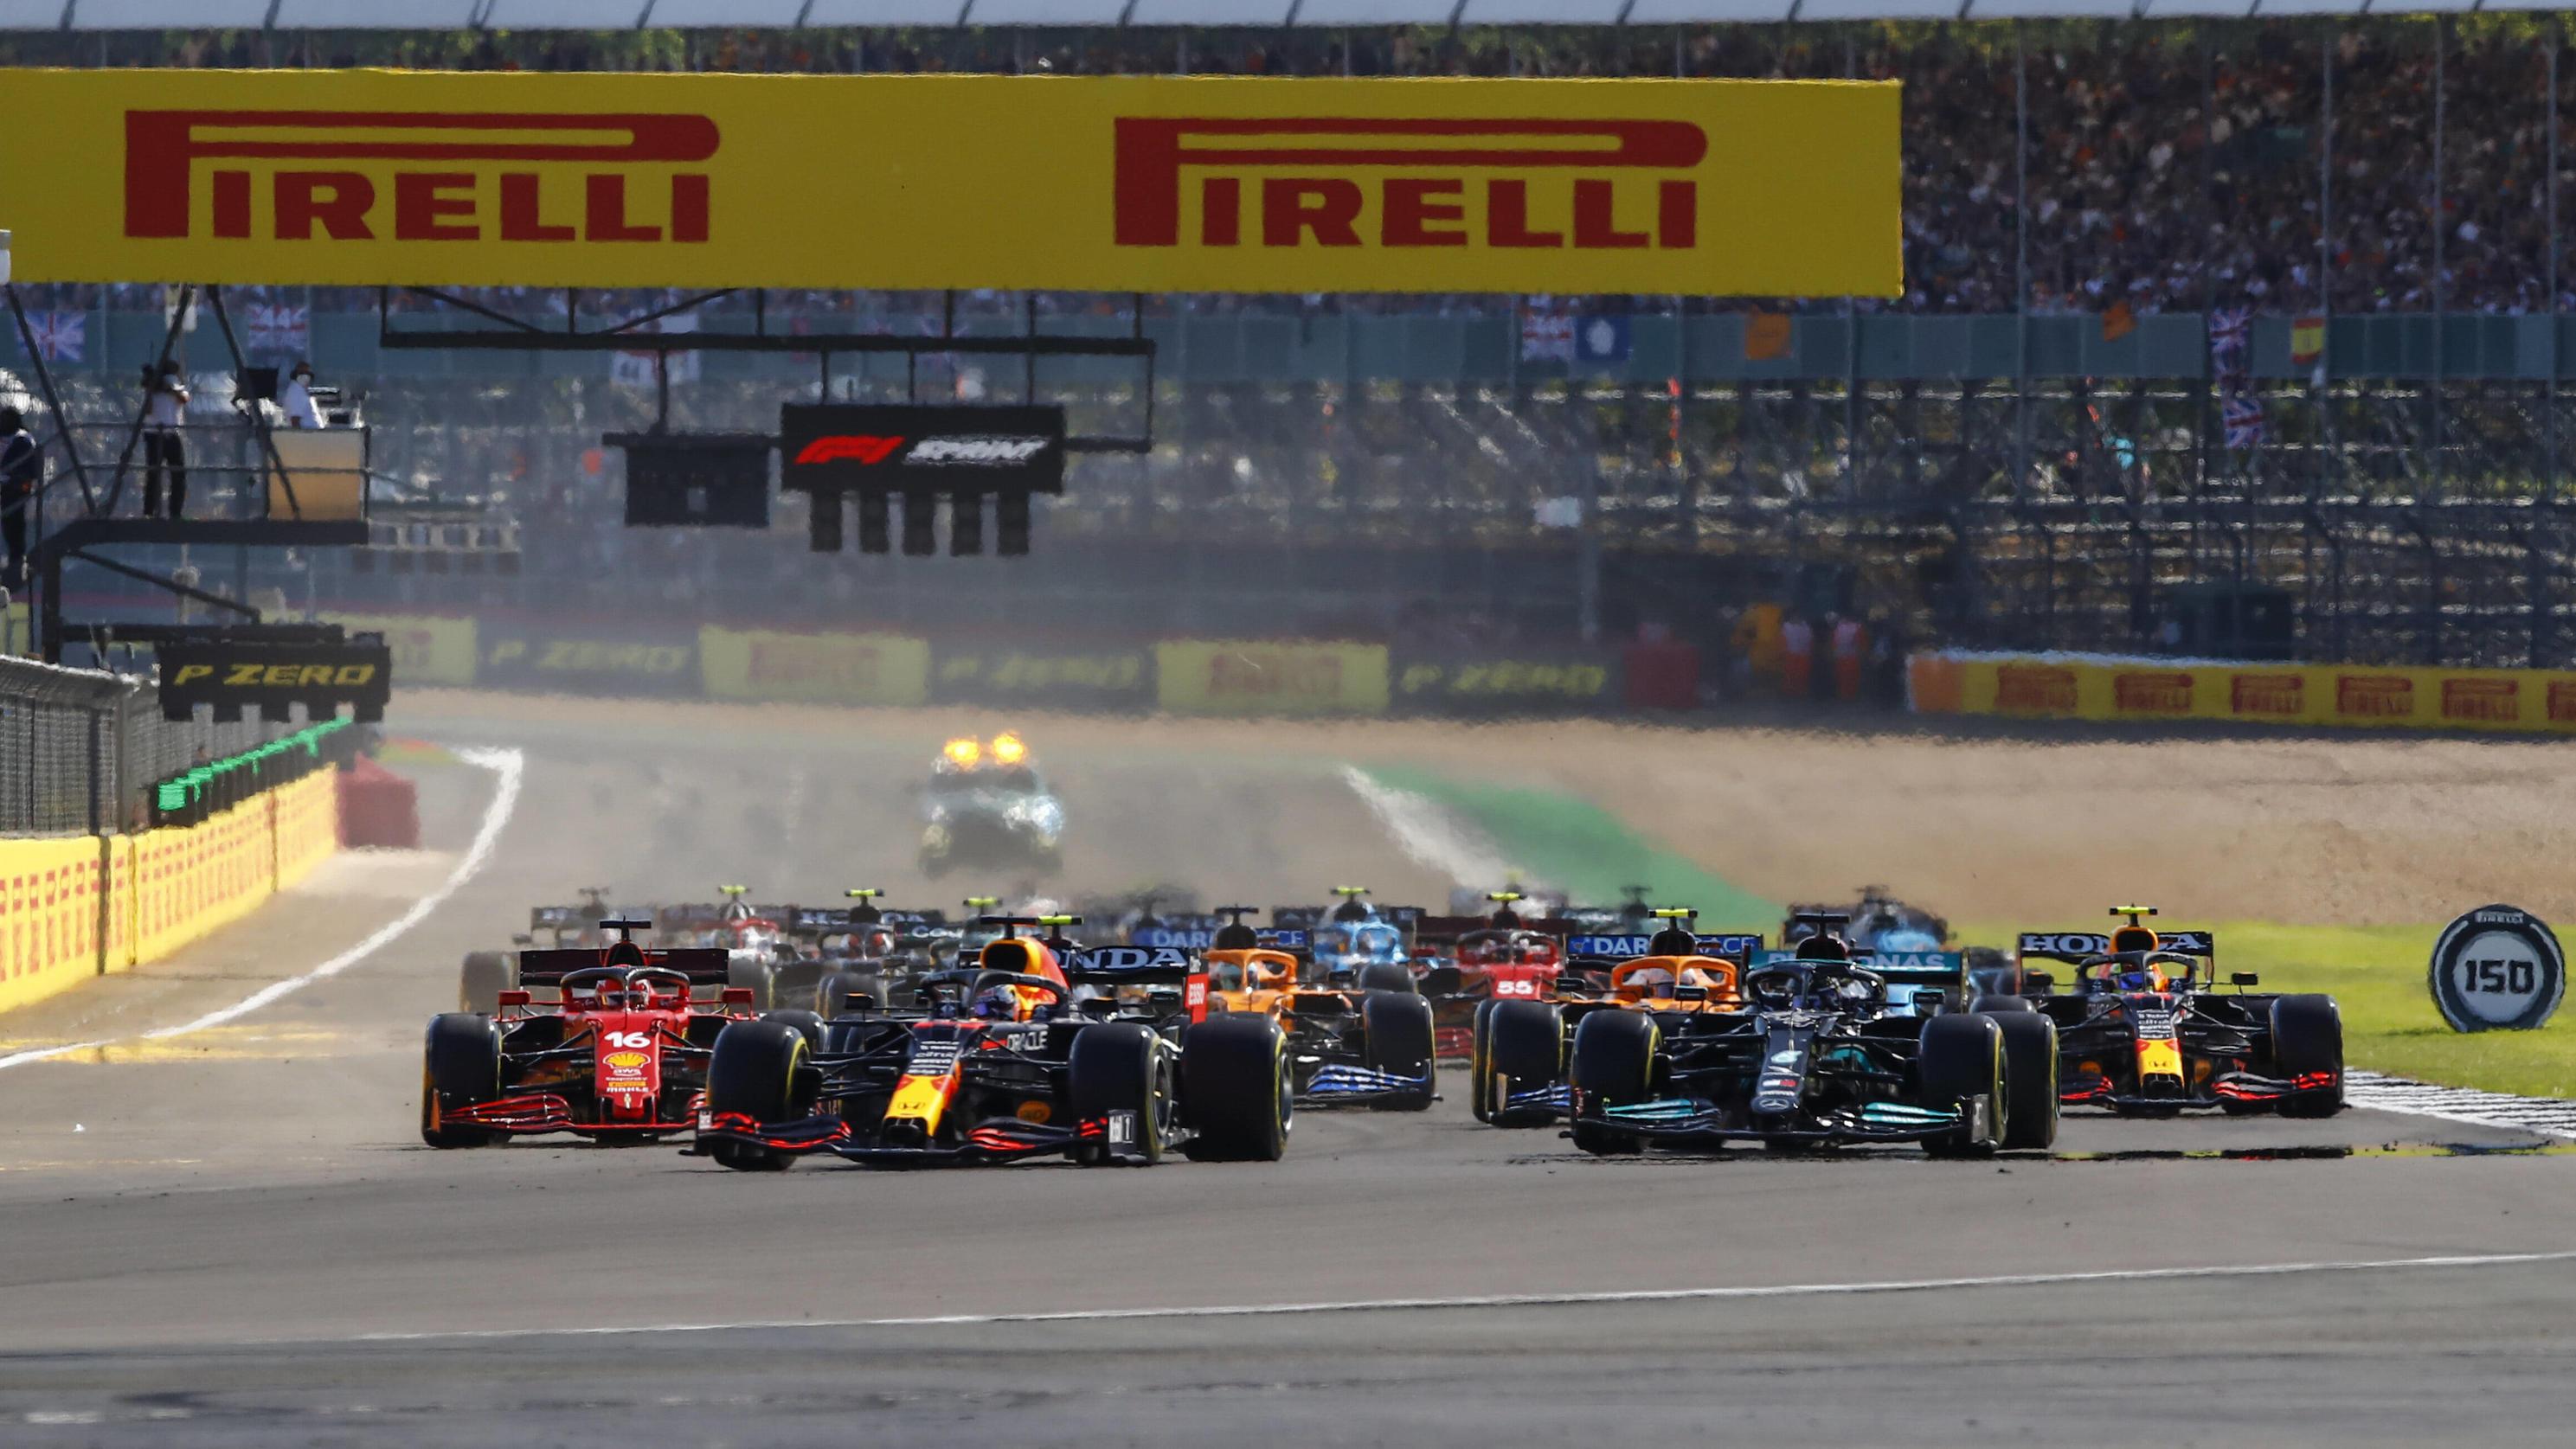 Formel 1: Nächstes Sprintrennen für Großen Preis von Italien in Monza bestätigt